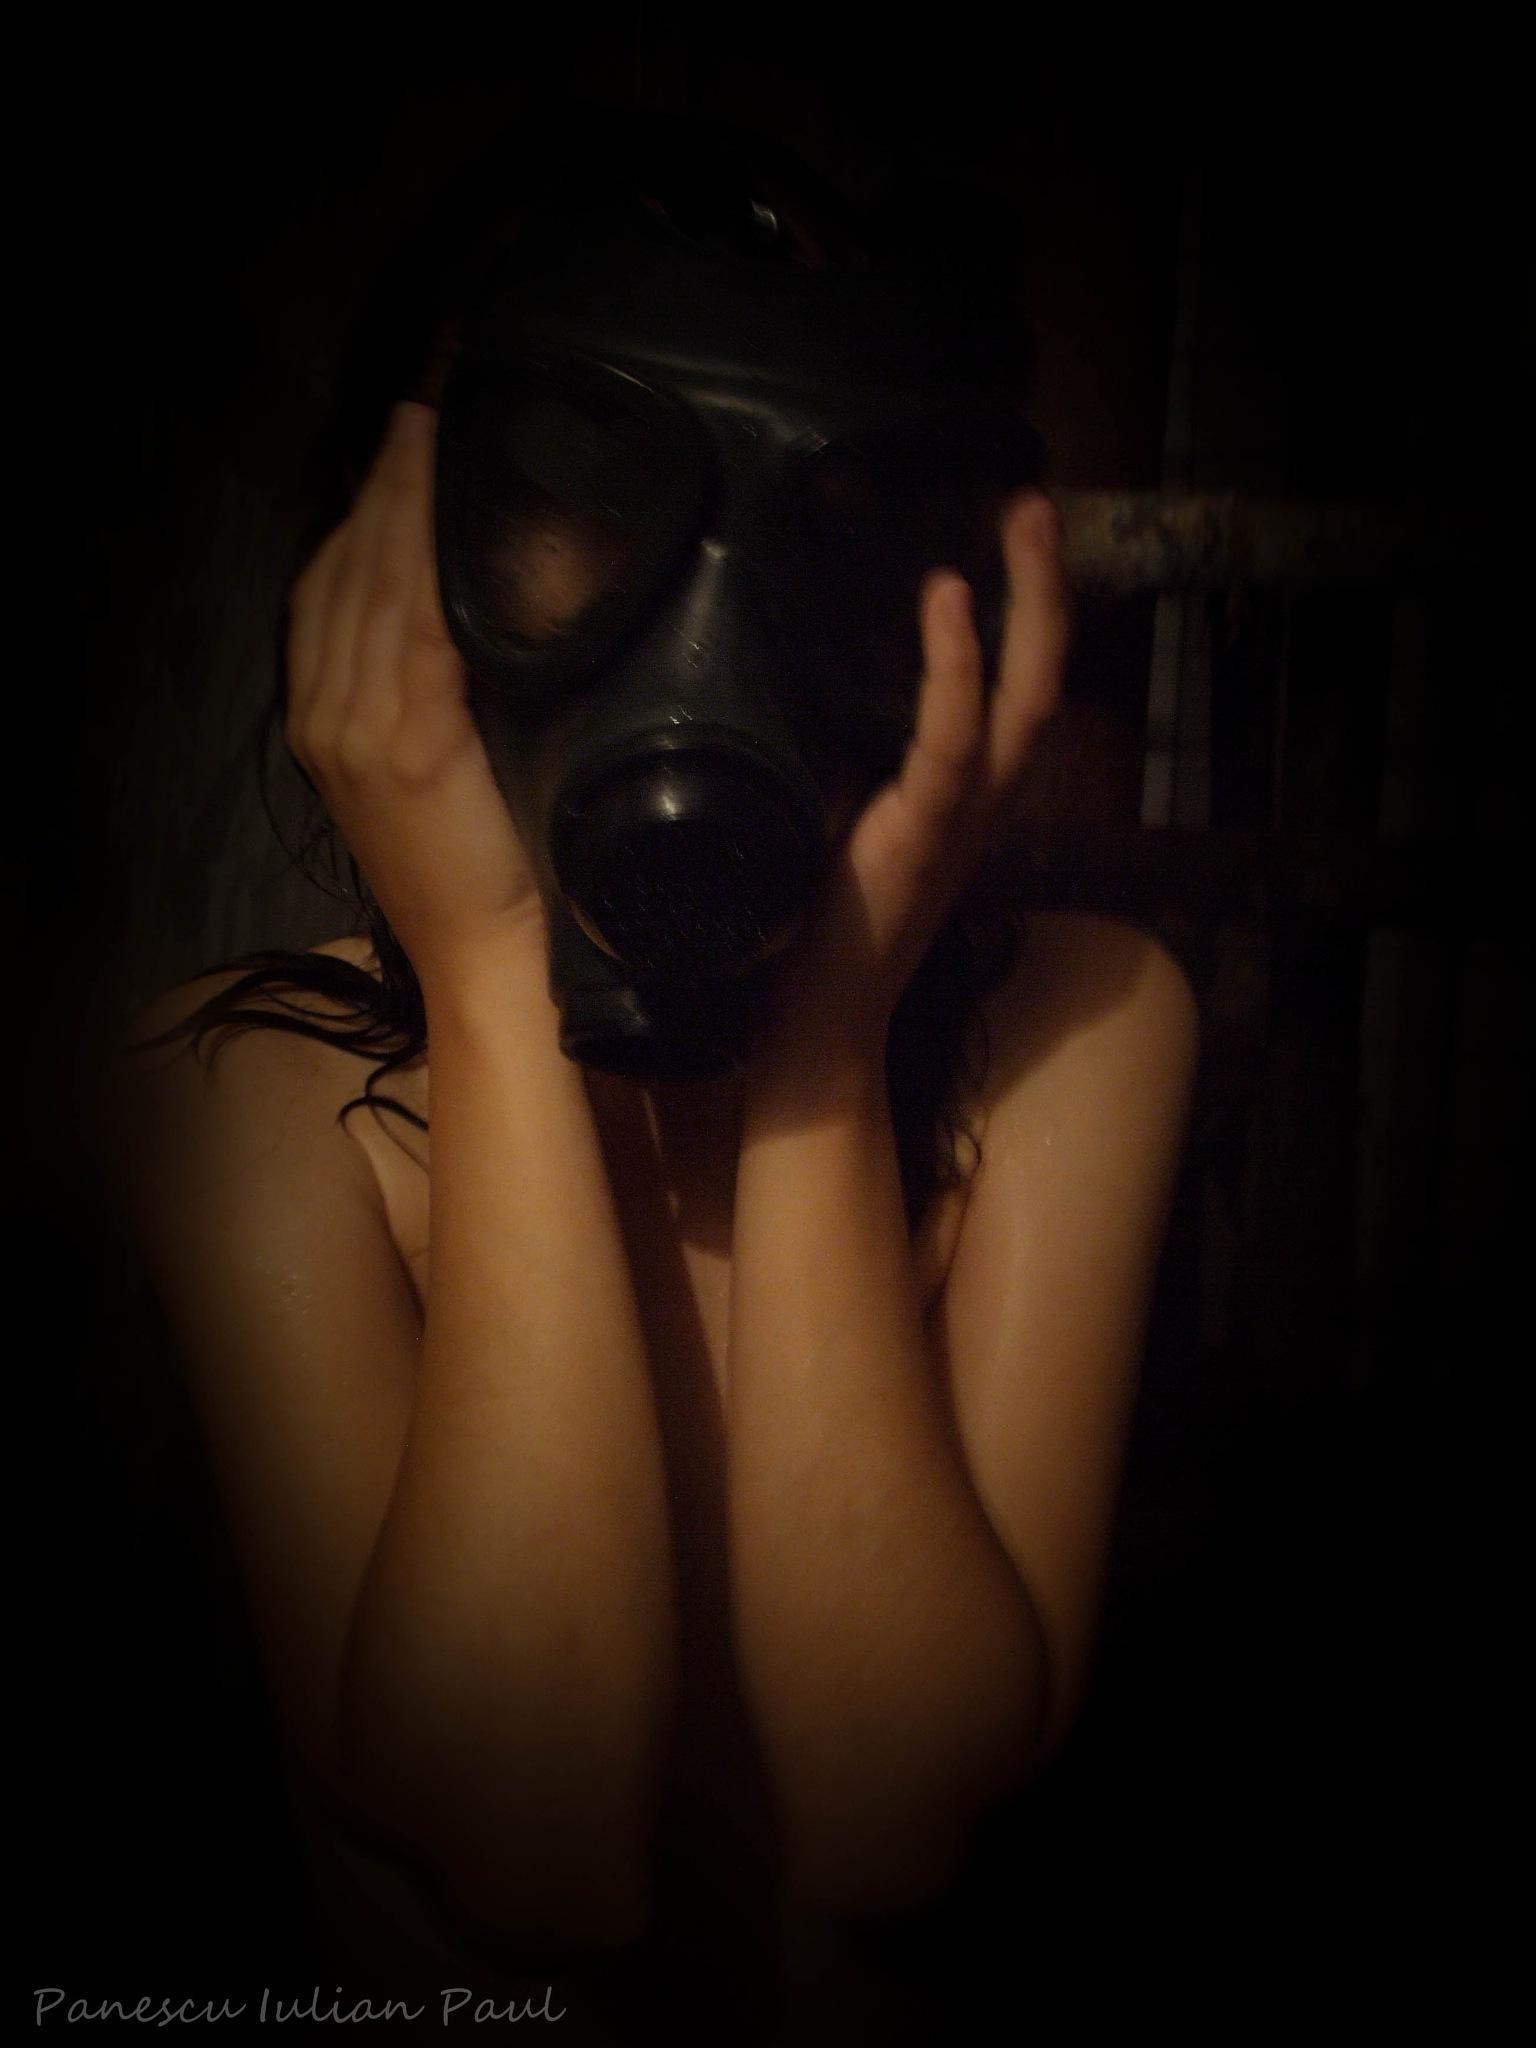 Gas mask-Concept 17 by Panescu Iulian Paul